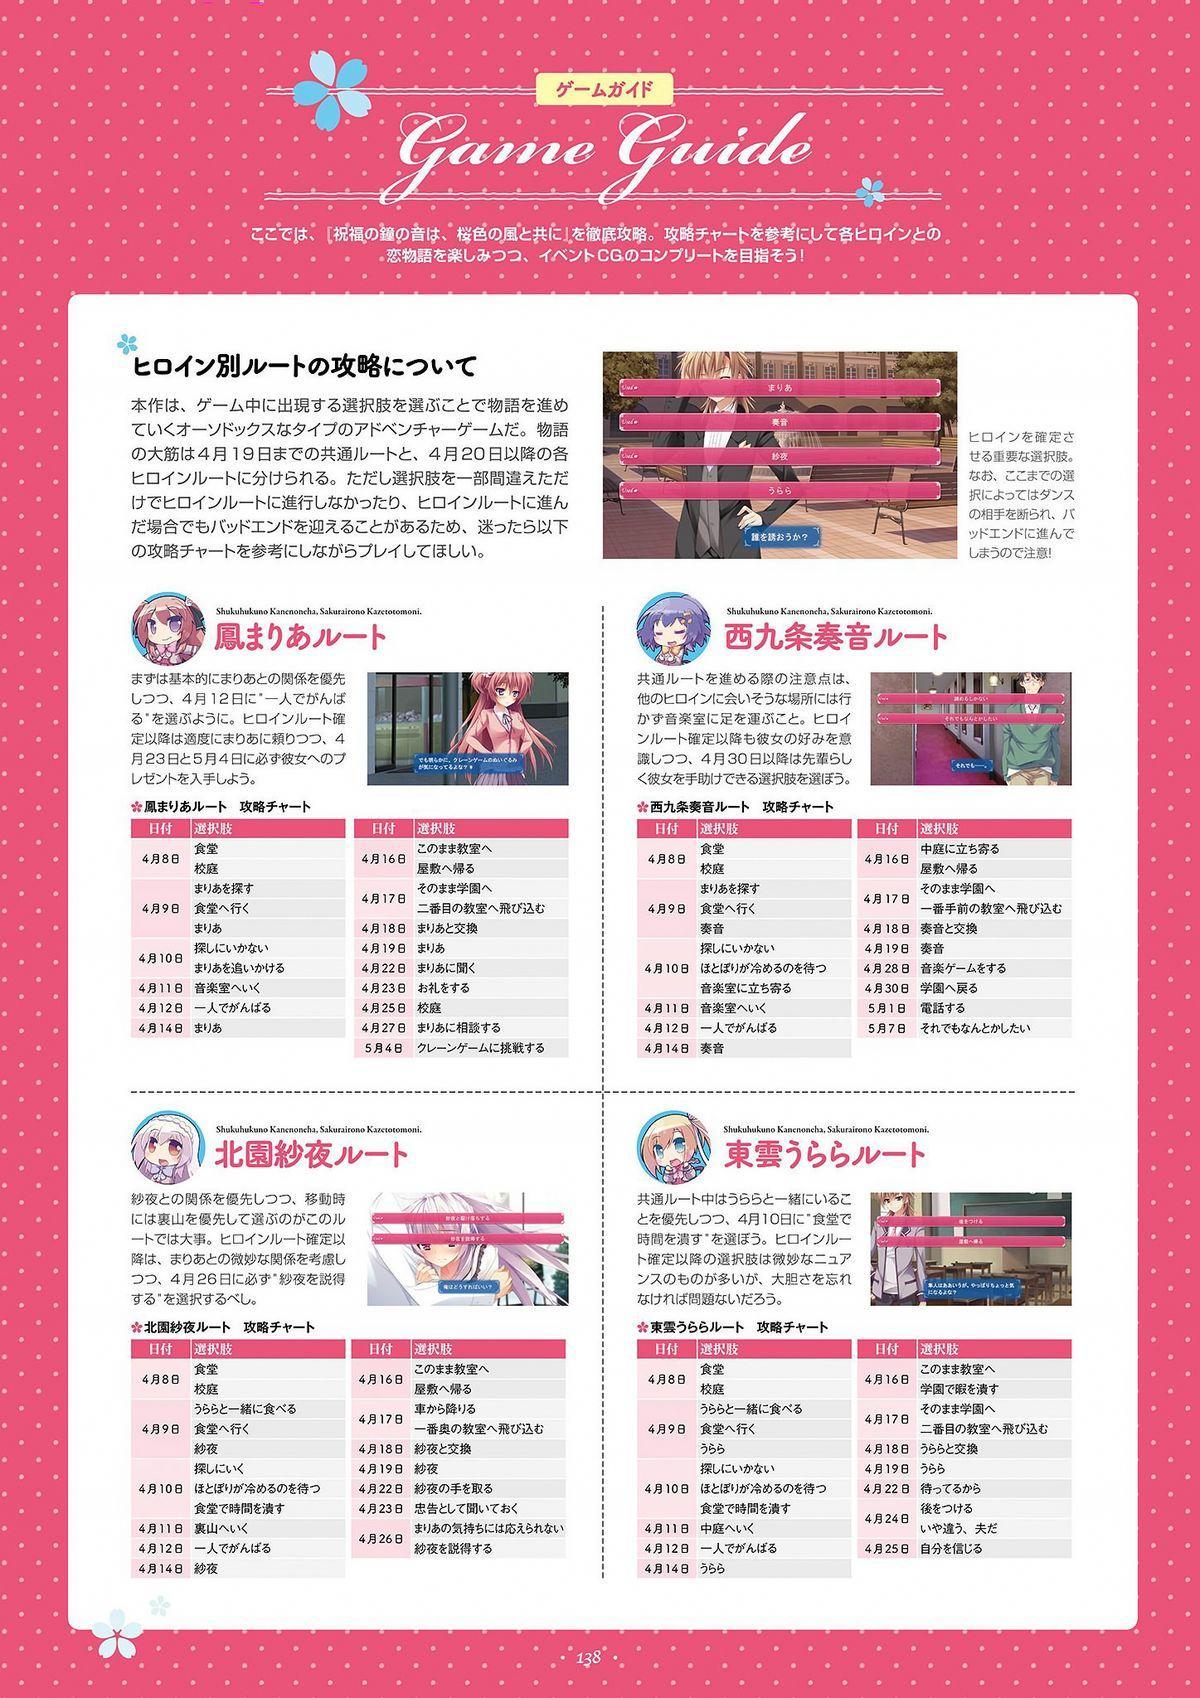 Shukufuku no Kane no Oto wa, Sakura-iro no Kaze to Tomo ni Visual Fanbook 135